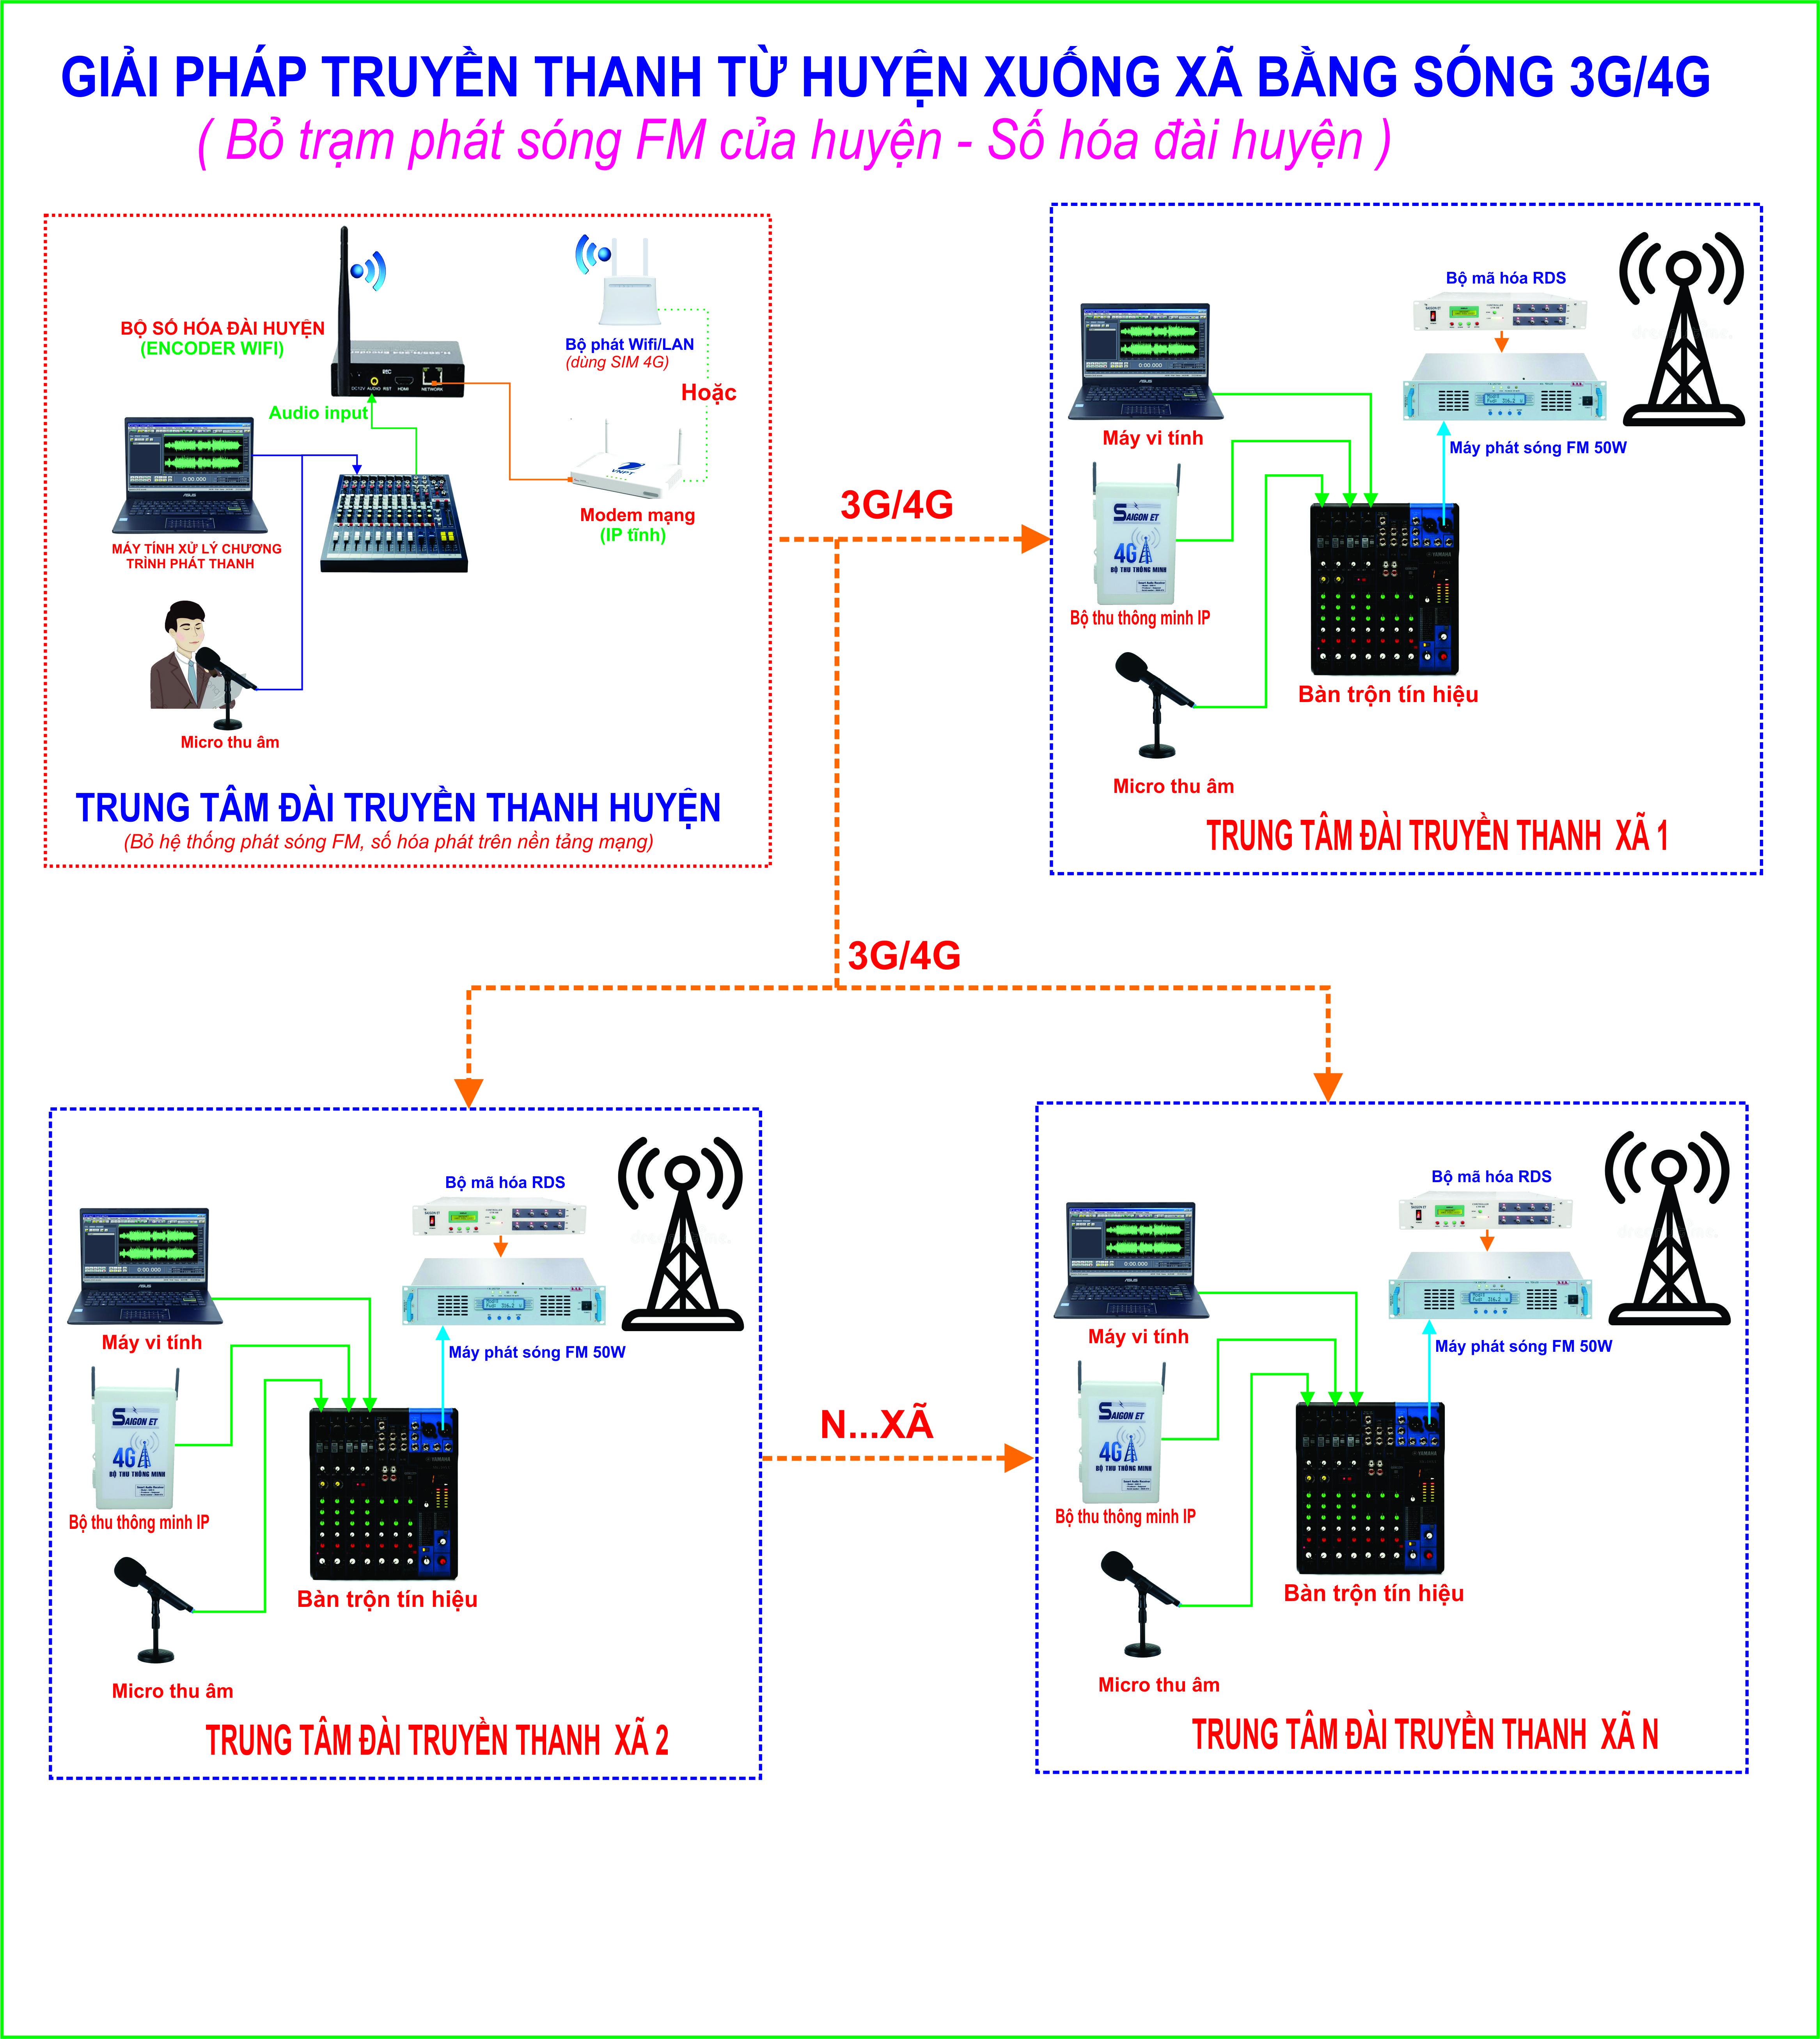 GIẢI PHÁP TRUYỀN THANH TỪ ĐÀI TT HUYỆN TỚI CÁC ĐÀI XÃ BẰNG 3G/4G/INTERNET